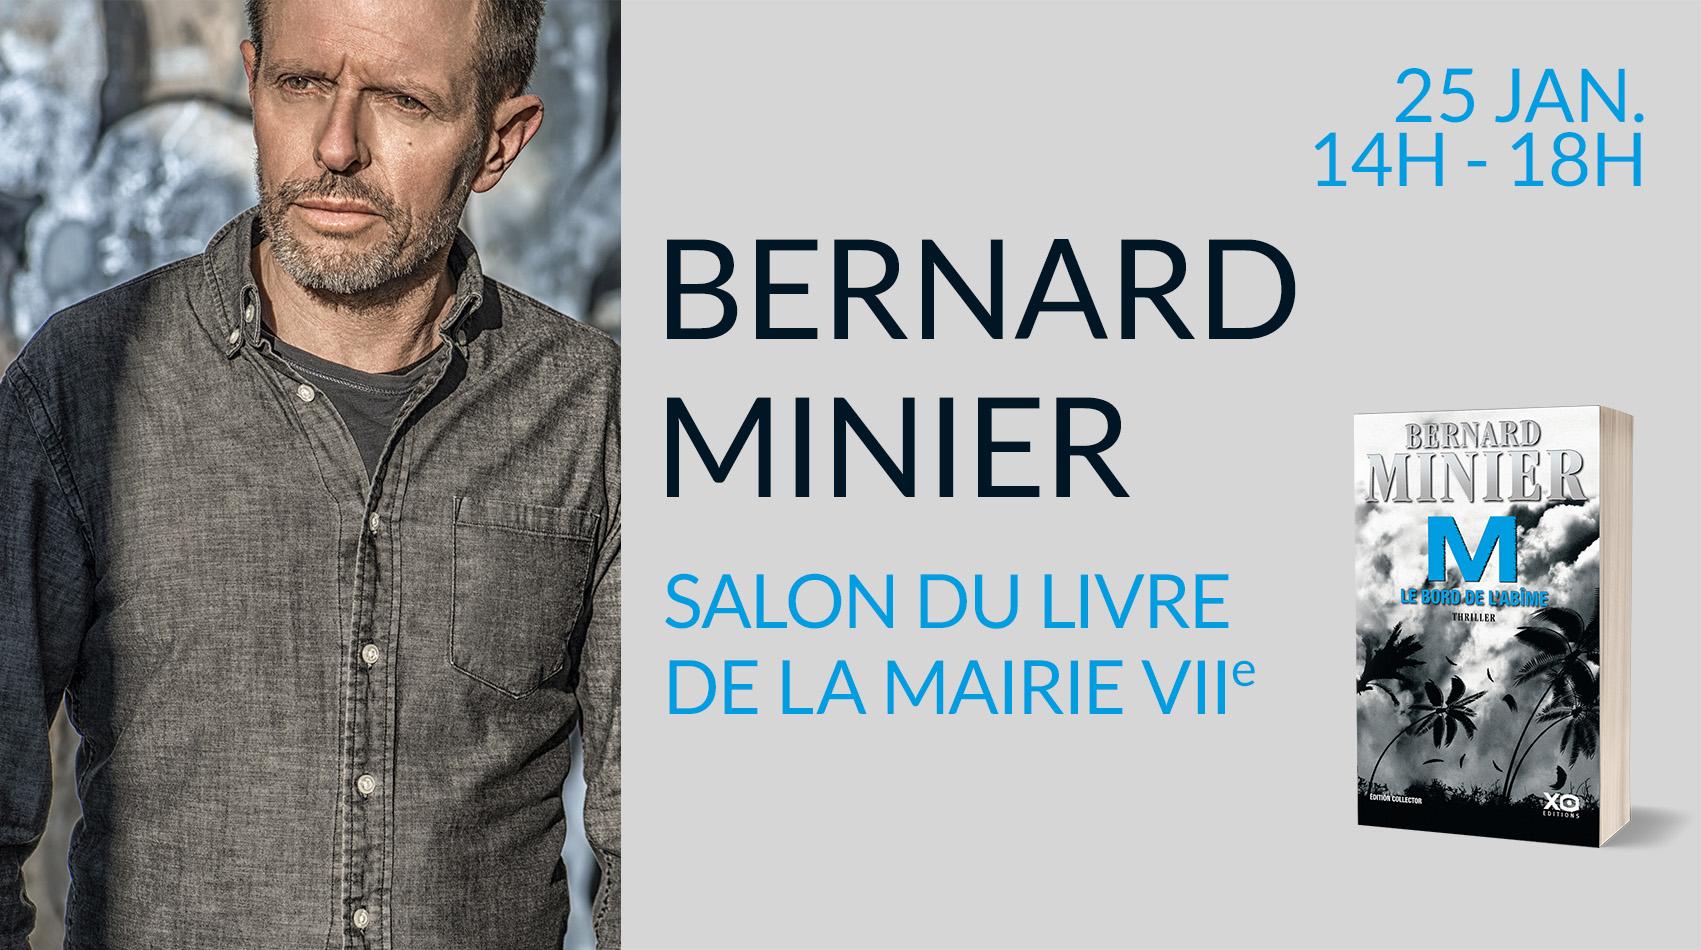 BERNARD MINIER INVITÉ D'HONNEUR AU SALON DU LIVRE DE LA MAIRIE DU 7E (PARIS)